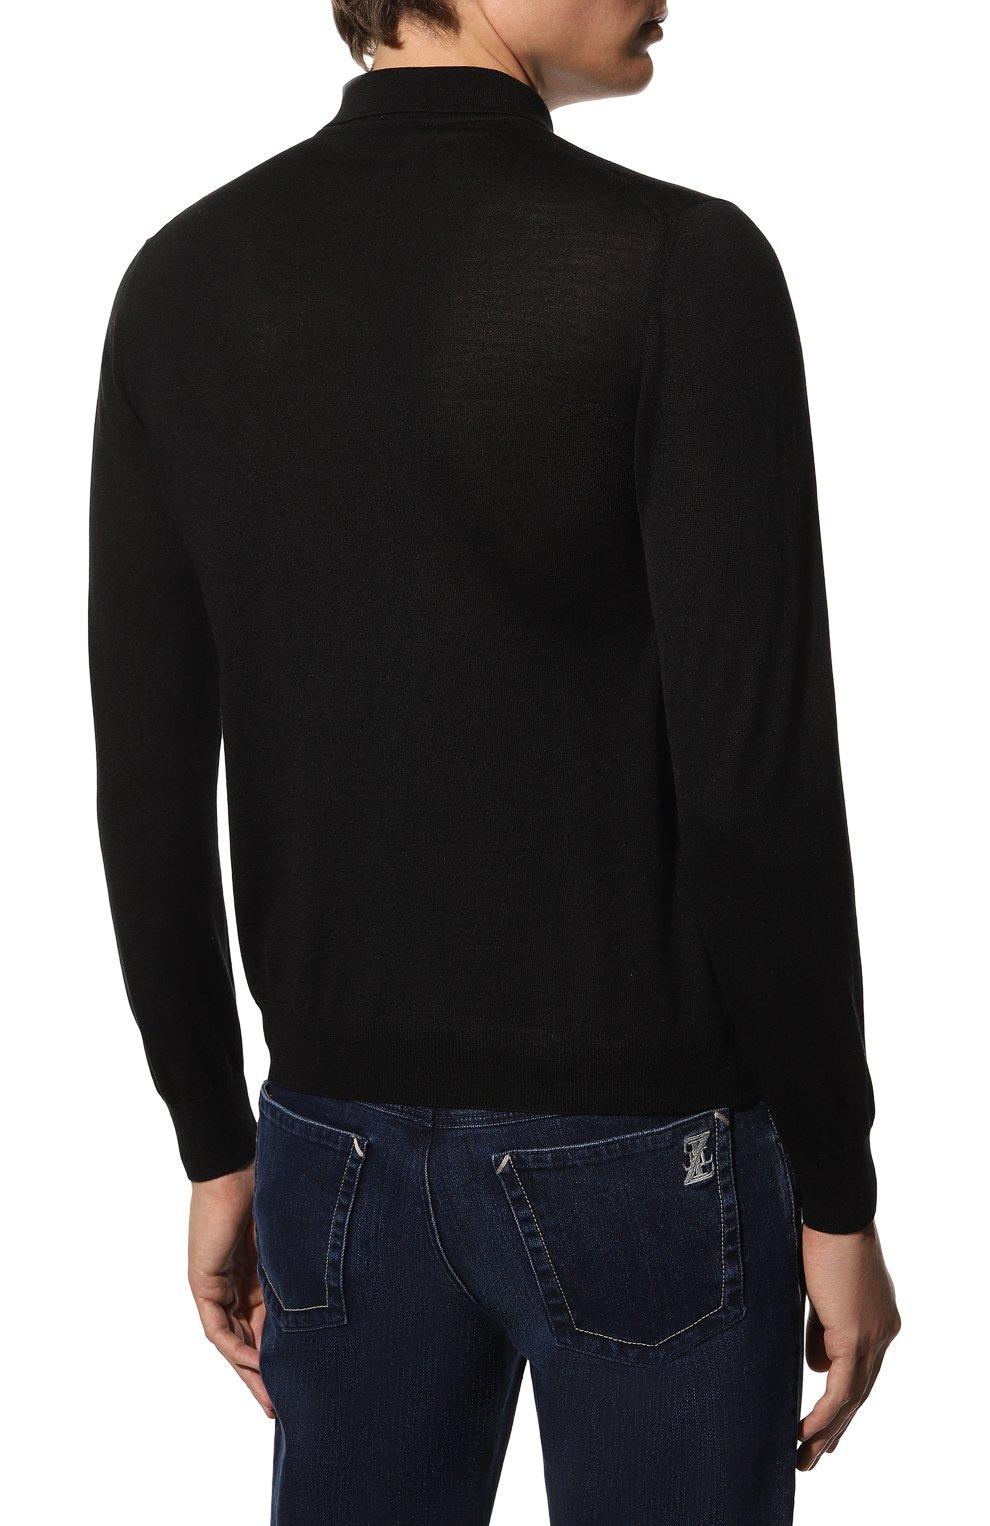 Мужское поло из шерсти и шелка GRAN SASSO черного цвета, арт. 57137/13190   Фото 4 (Материал внешний: Шерсть, Шелк; Застежка: Молния; Рукава: Длинные; Длина (для топов): Стандартные; Кросс-КТ: Трикотаж; Стили: Кэжуэл)